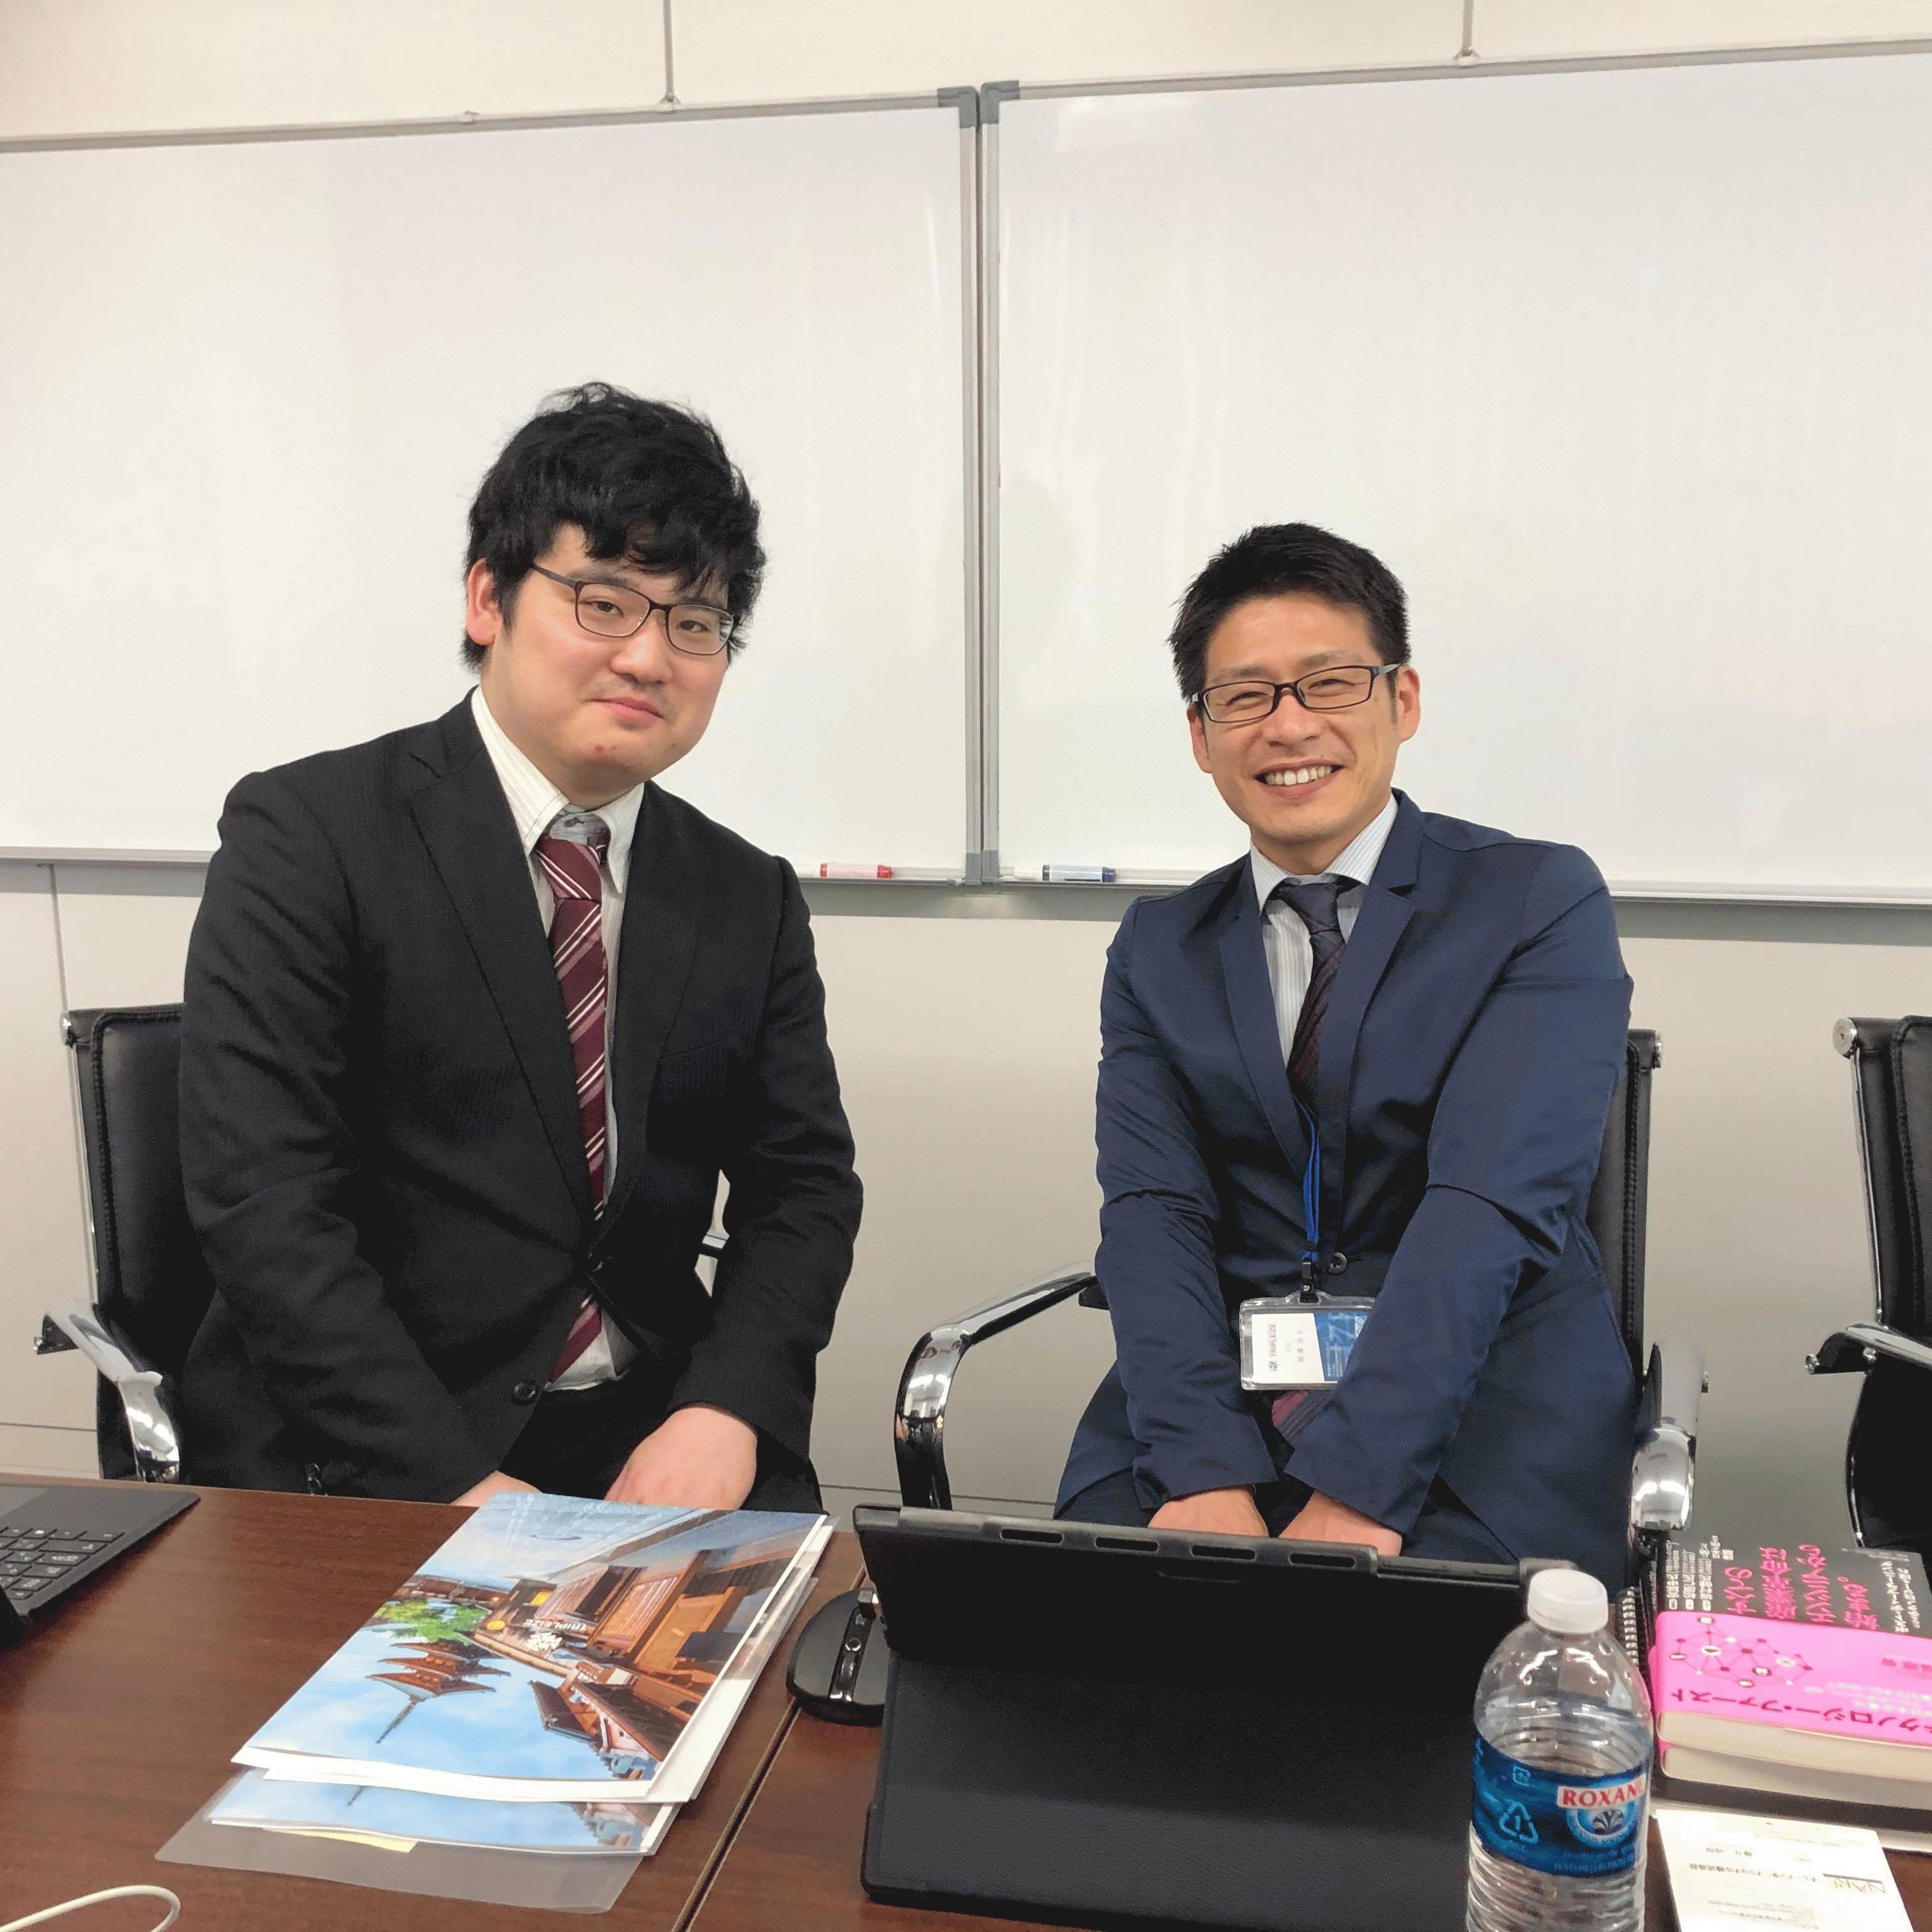 「囲碁AI日本一と目指す生コンクリートプロセスの最適化」パターン認識・画像解析